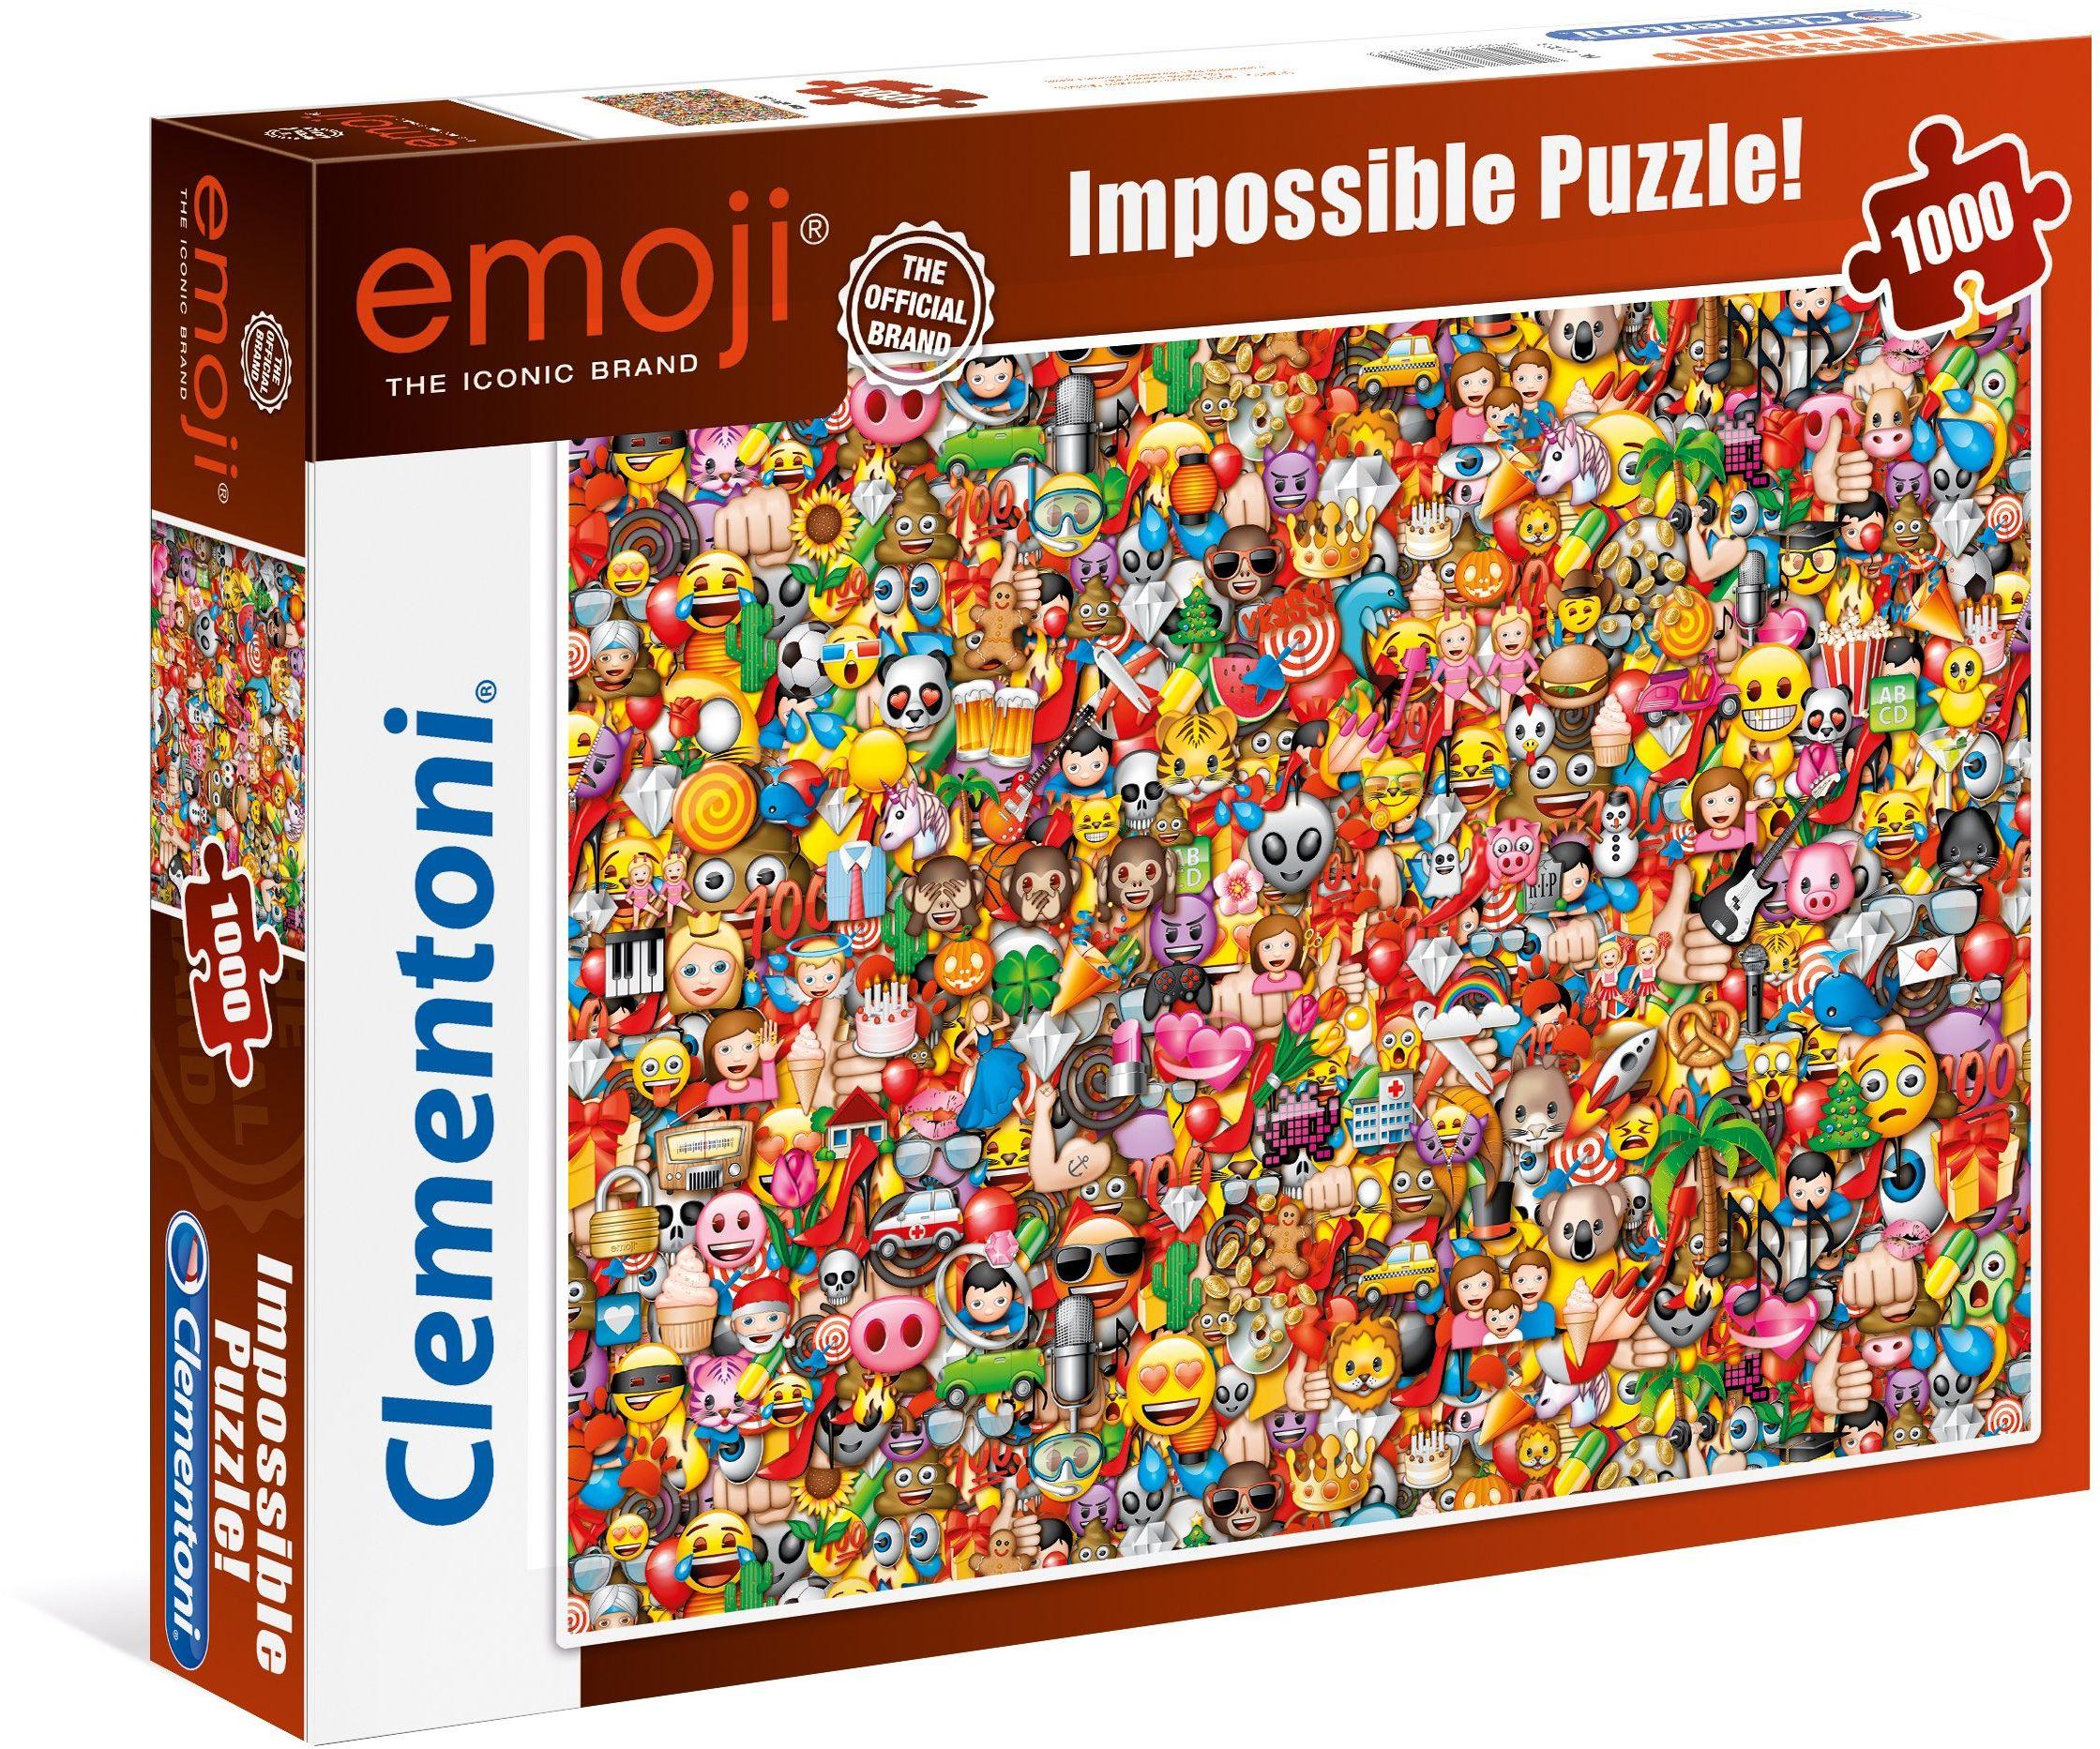 Clementoni 39388 EMOJI  1000 części, Impossible puzzle, gra zręcznościowa dla całej rodziny, kolorowa gra legesowa, puzzle dla dorosłych od 14 lat